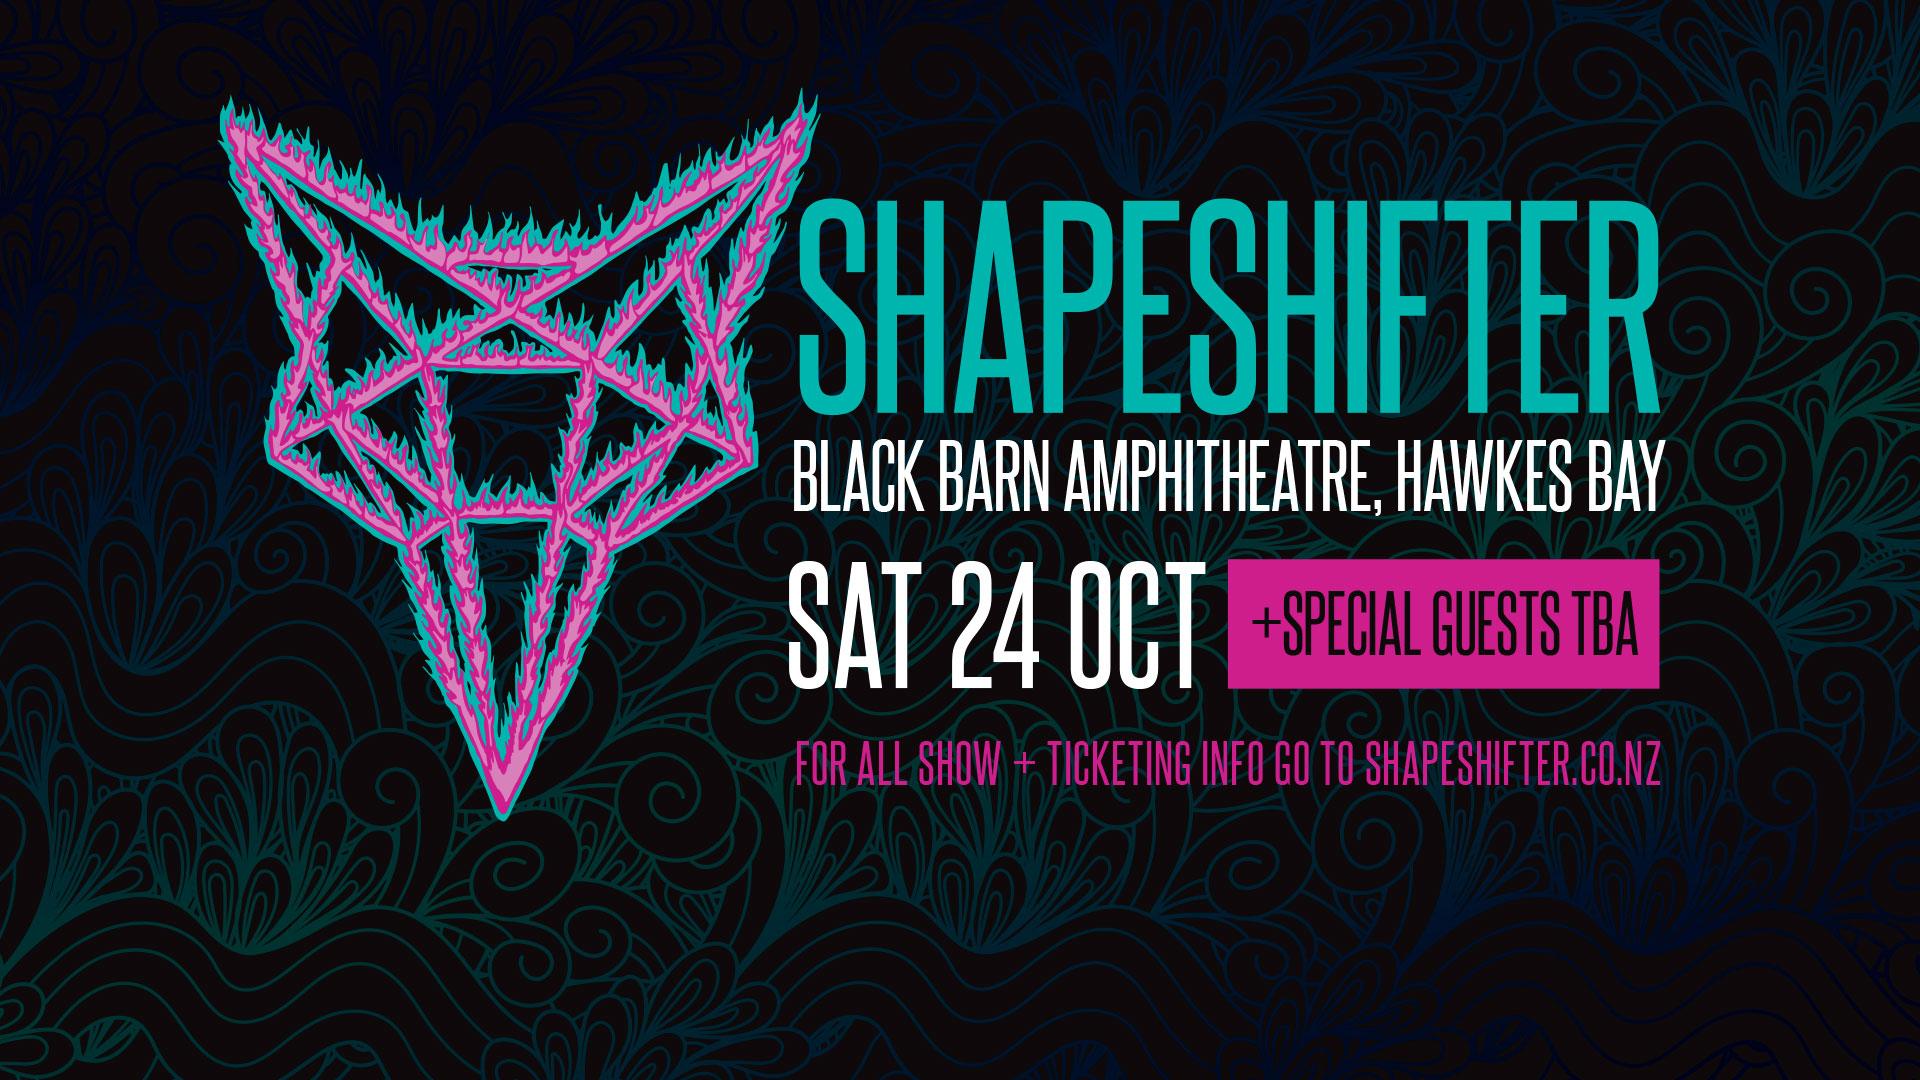 Shapeshifter at Black Barn